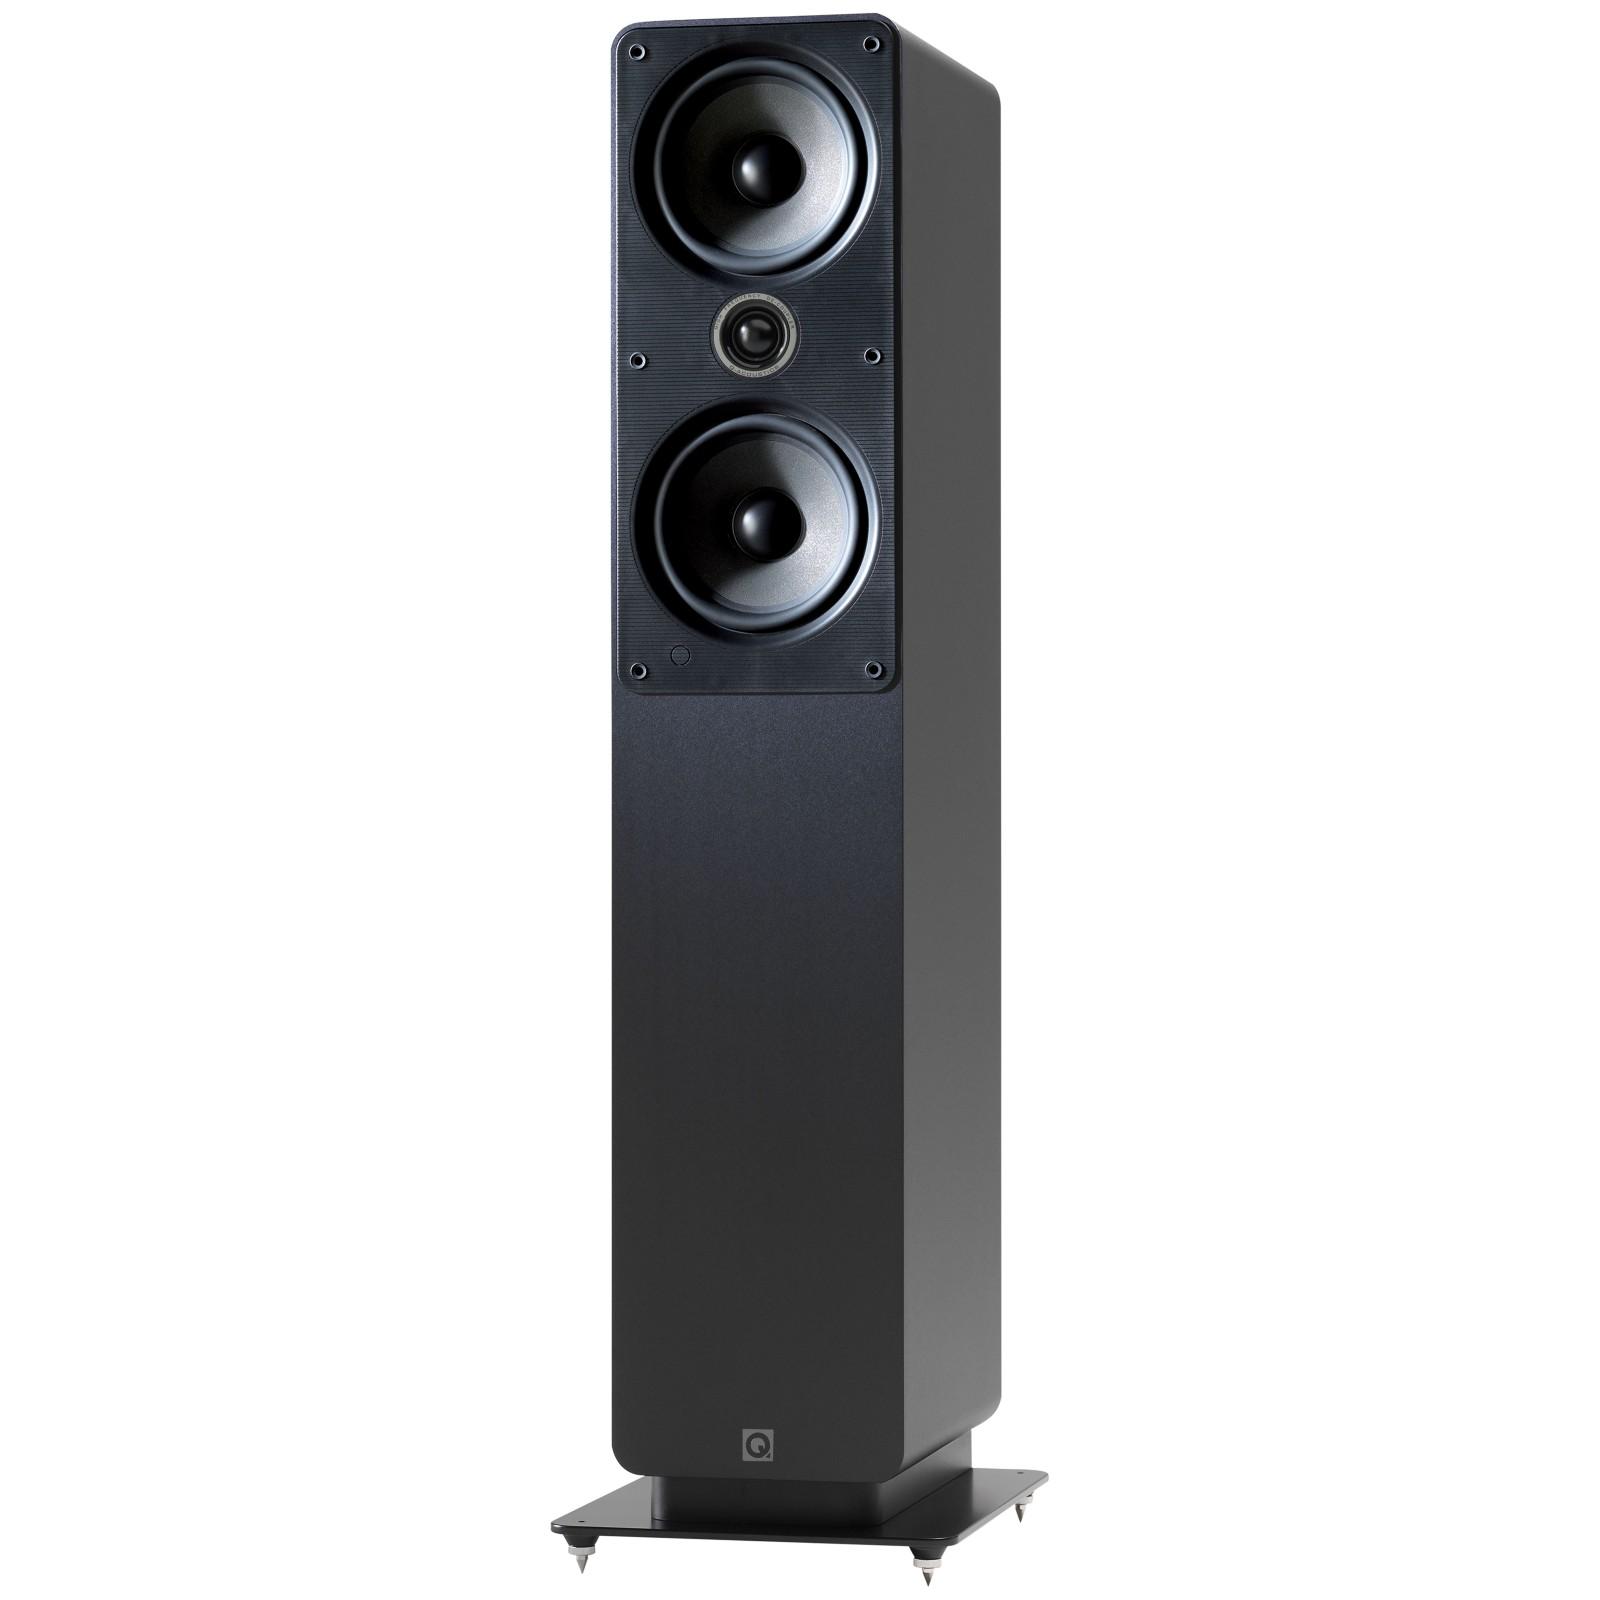 Q Acoustics 2050i Floorstanding Speakers Graphite Black